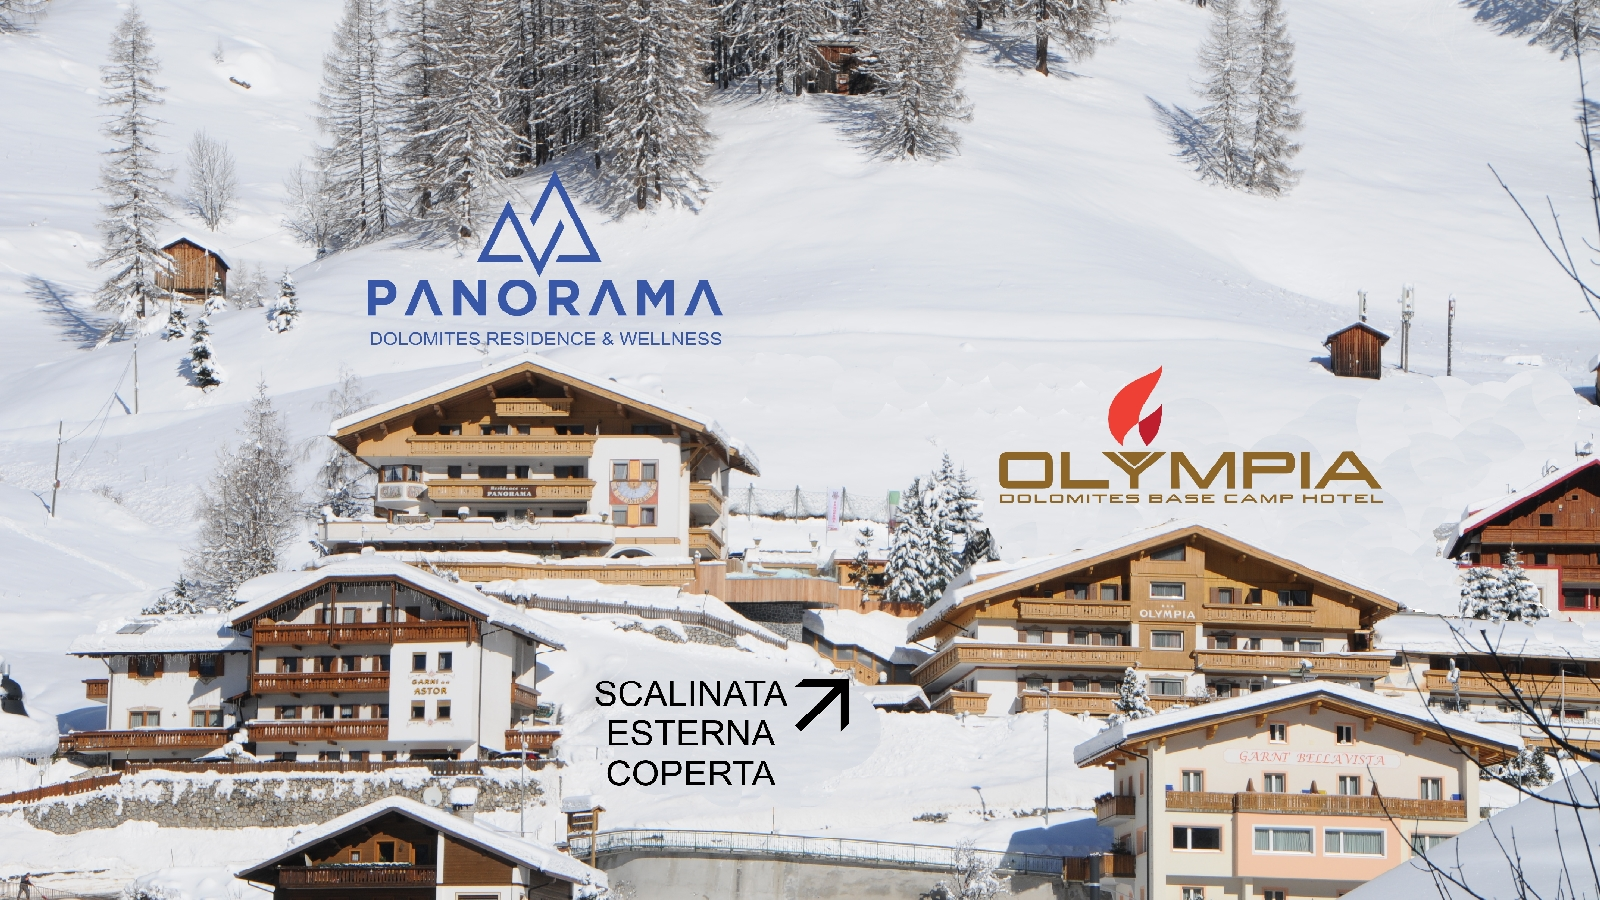 Olympia & Panorama